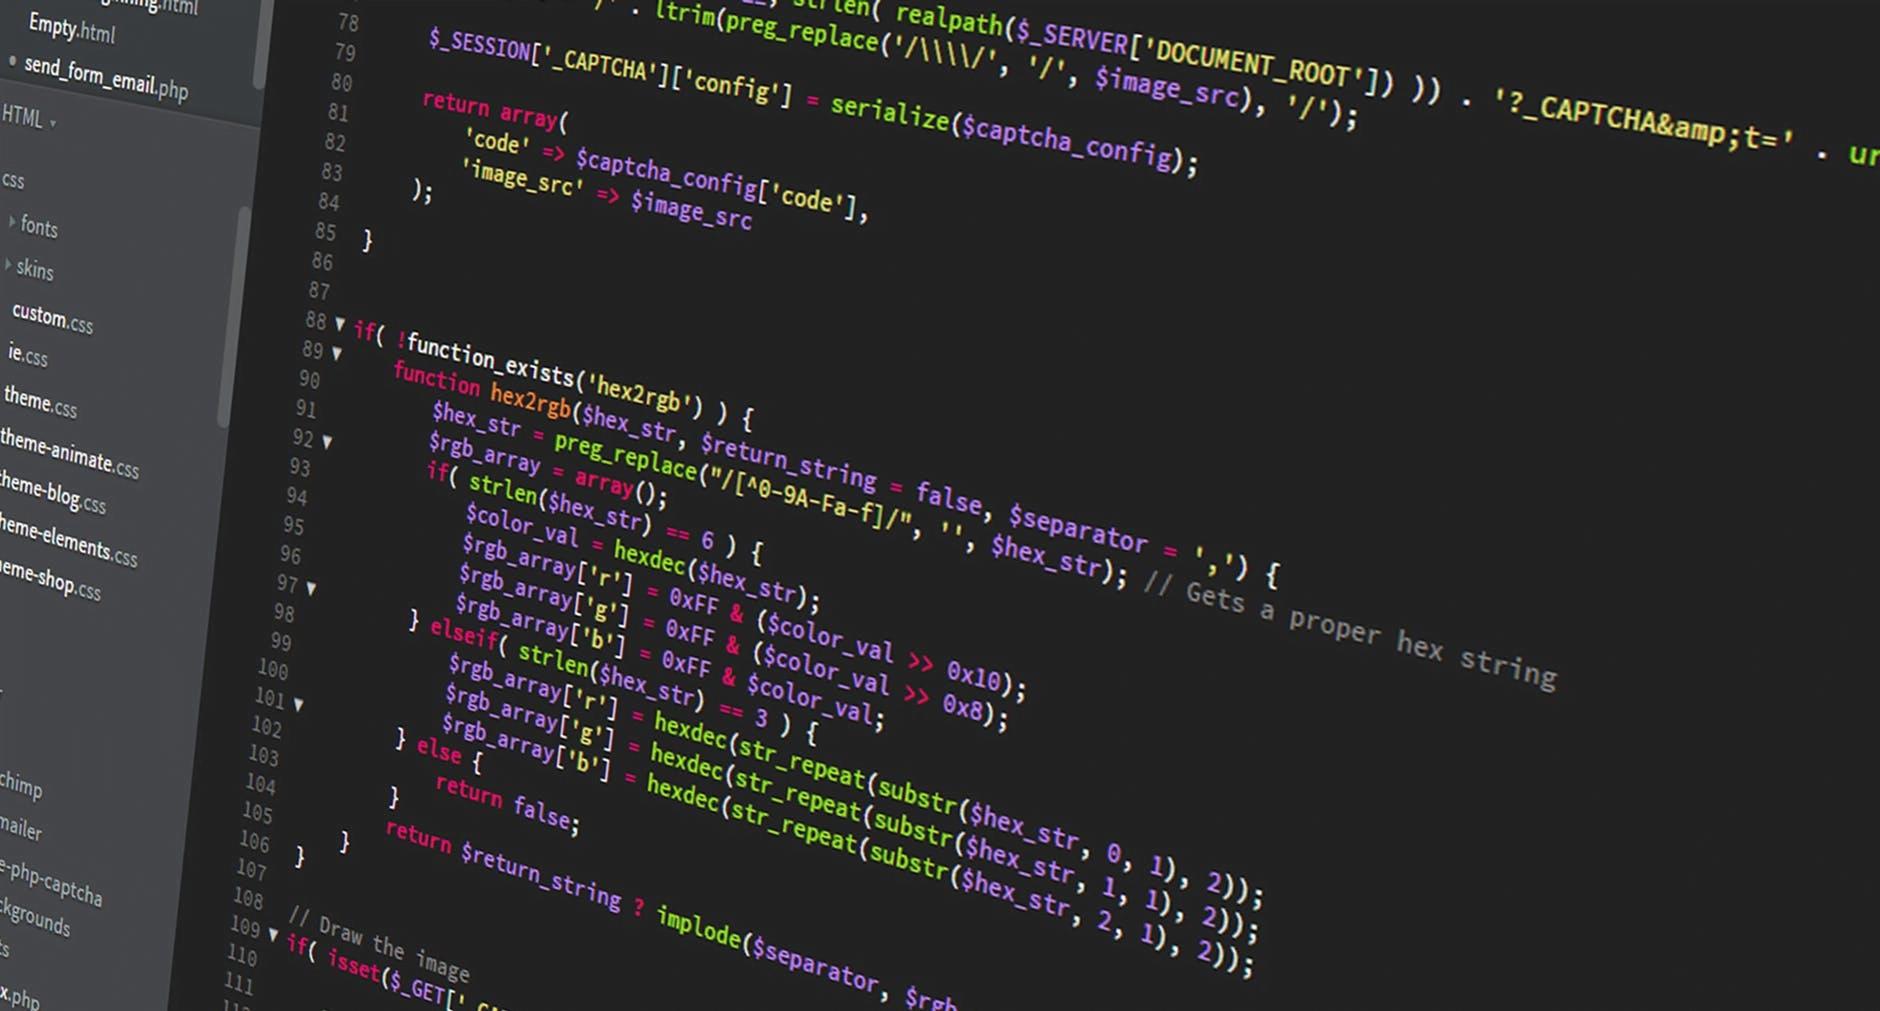 word image 23 - Namecheap vs Hostgator: Which Is Better For Hosting & Domains?Blue host VS Host Gator